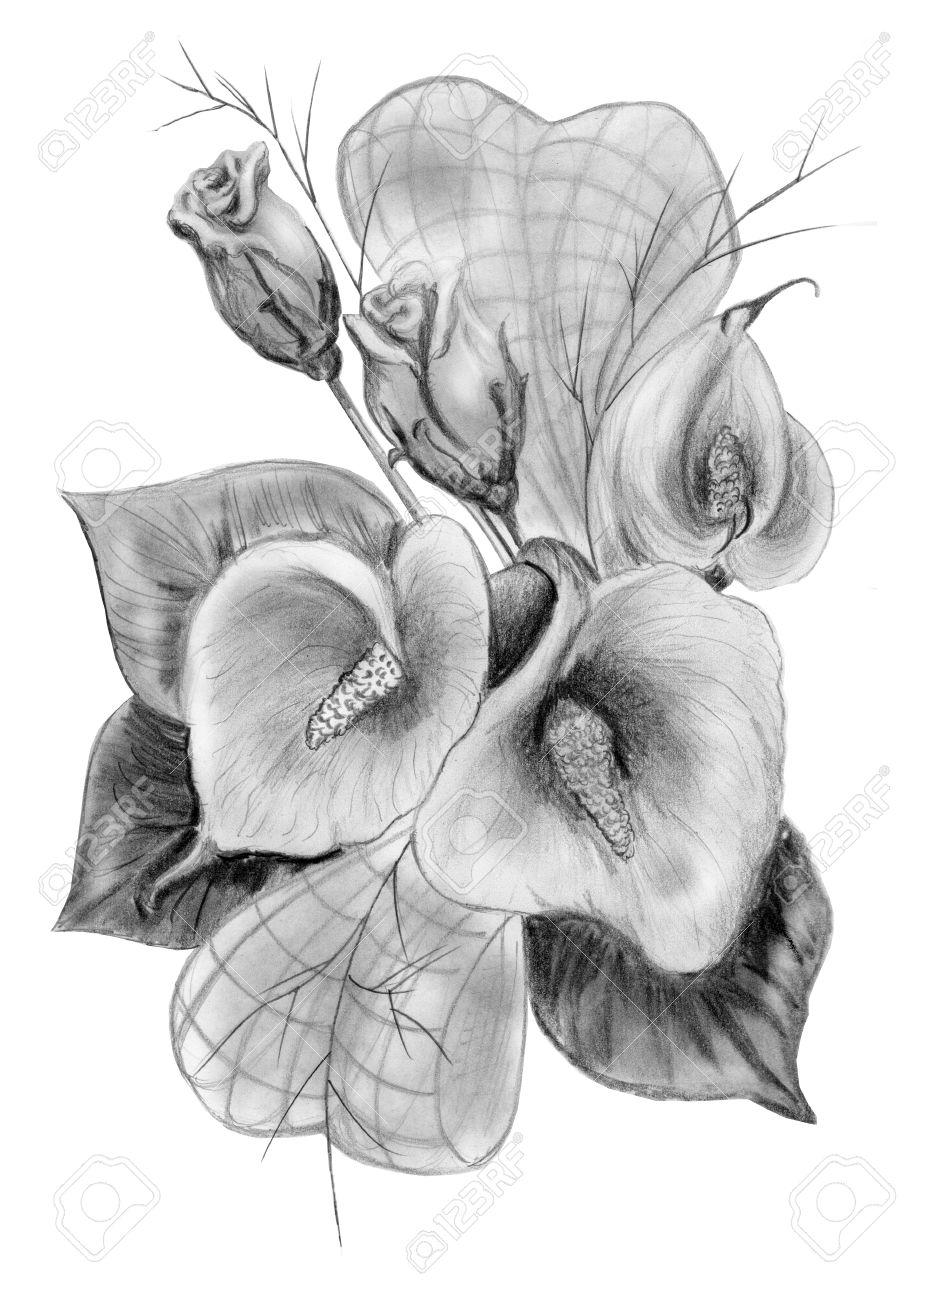 Dibujo A Lápiz De Ramo De Rosas Y Calas Aisladas En Blanco Fotos